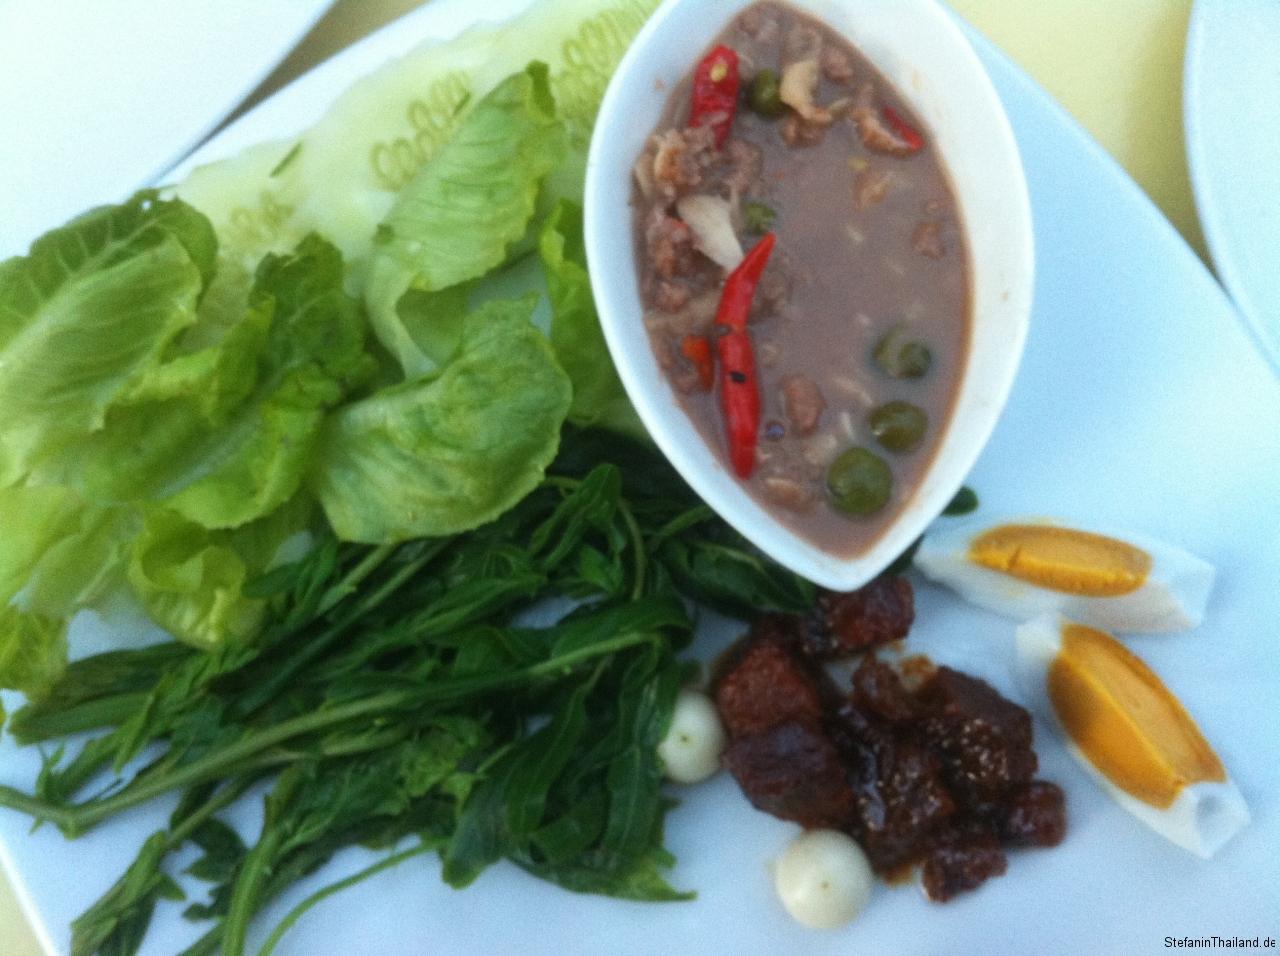 frisches Gemüse im Changapak-s (2).jpg